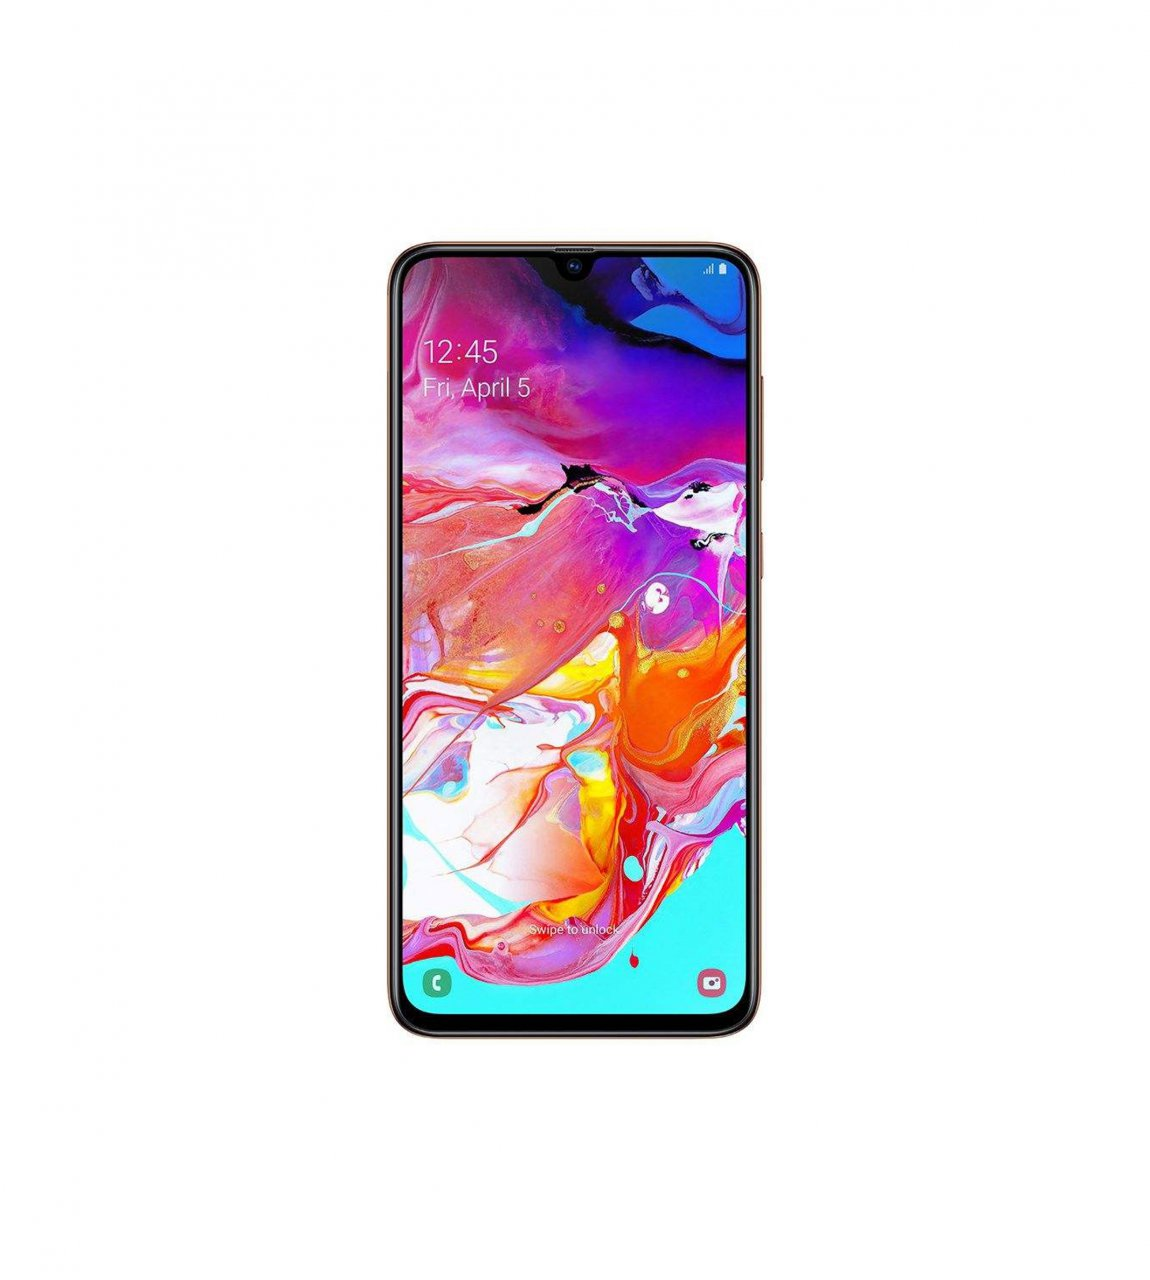 گوشی موبایل سامسونگ Galaxy A70 دو سیمکارت ظرفیت 128 گیگابایت